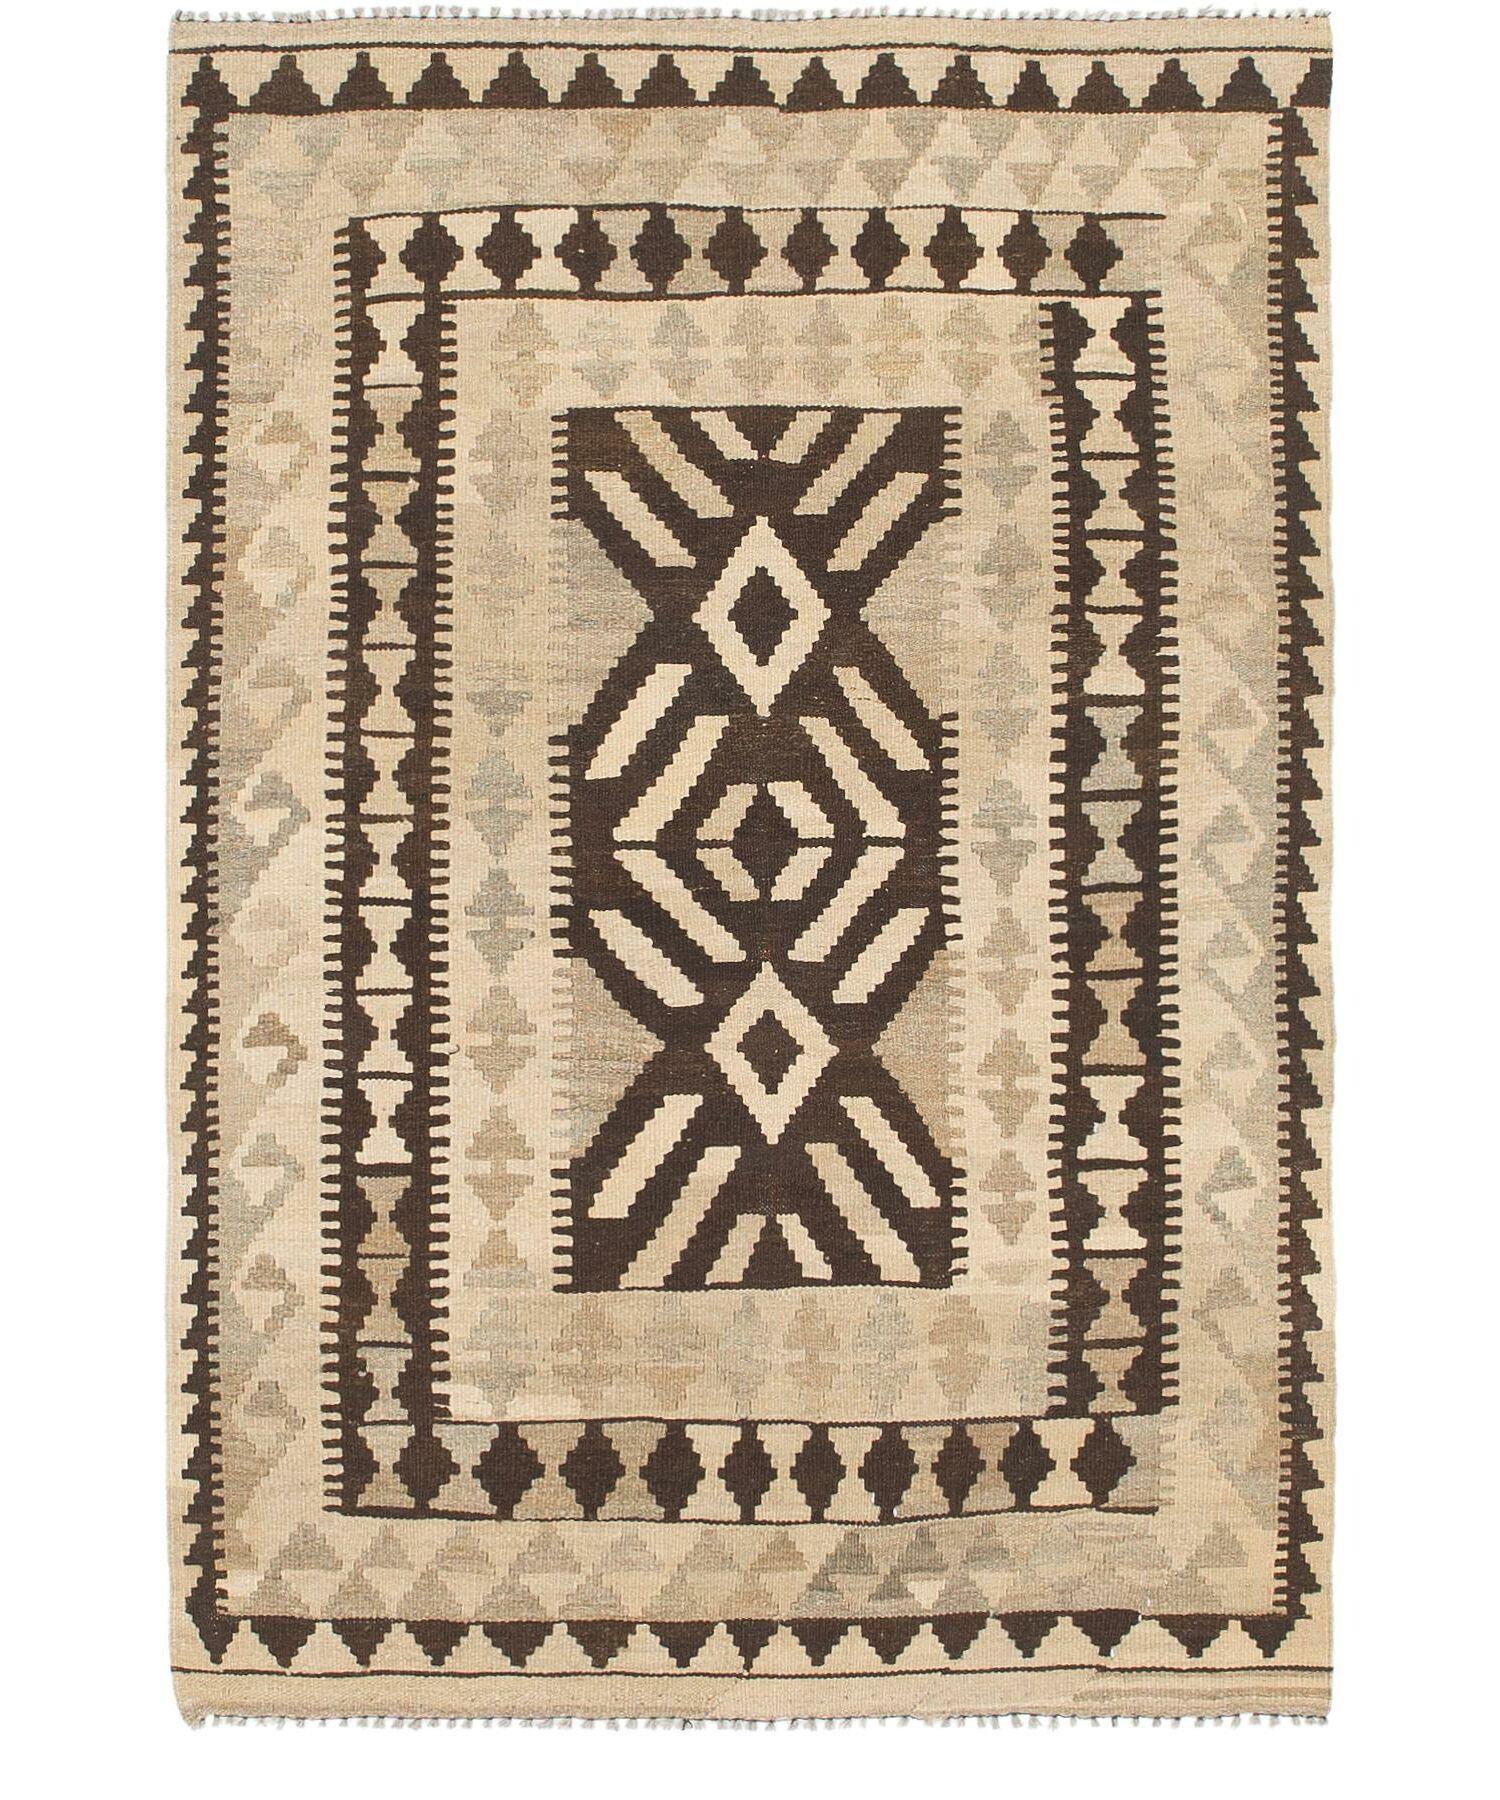 One-of-a-Kind Omaha Kilim Maymana Hand-Knotted Wool 3'5